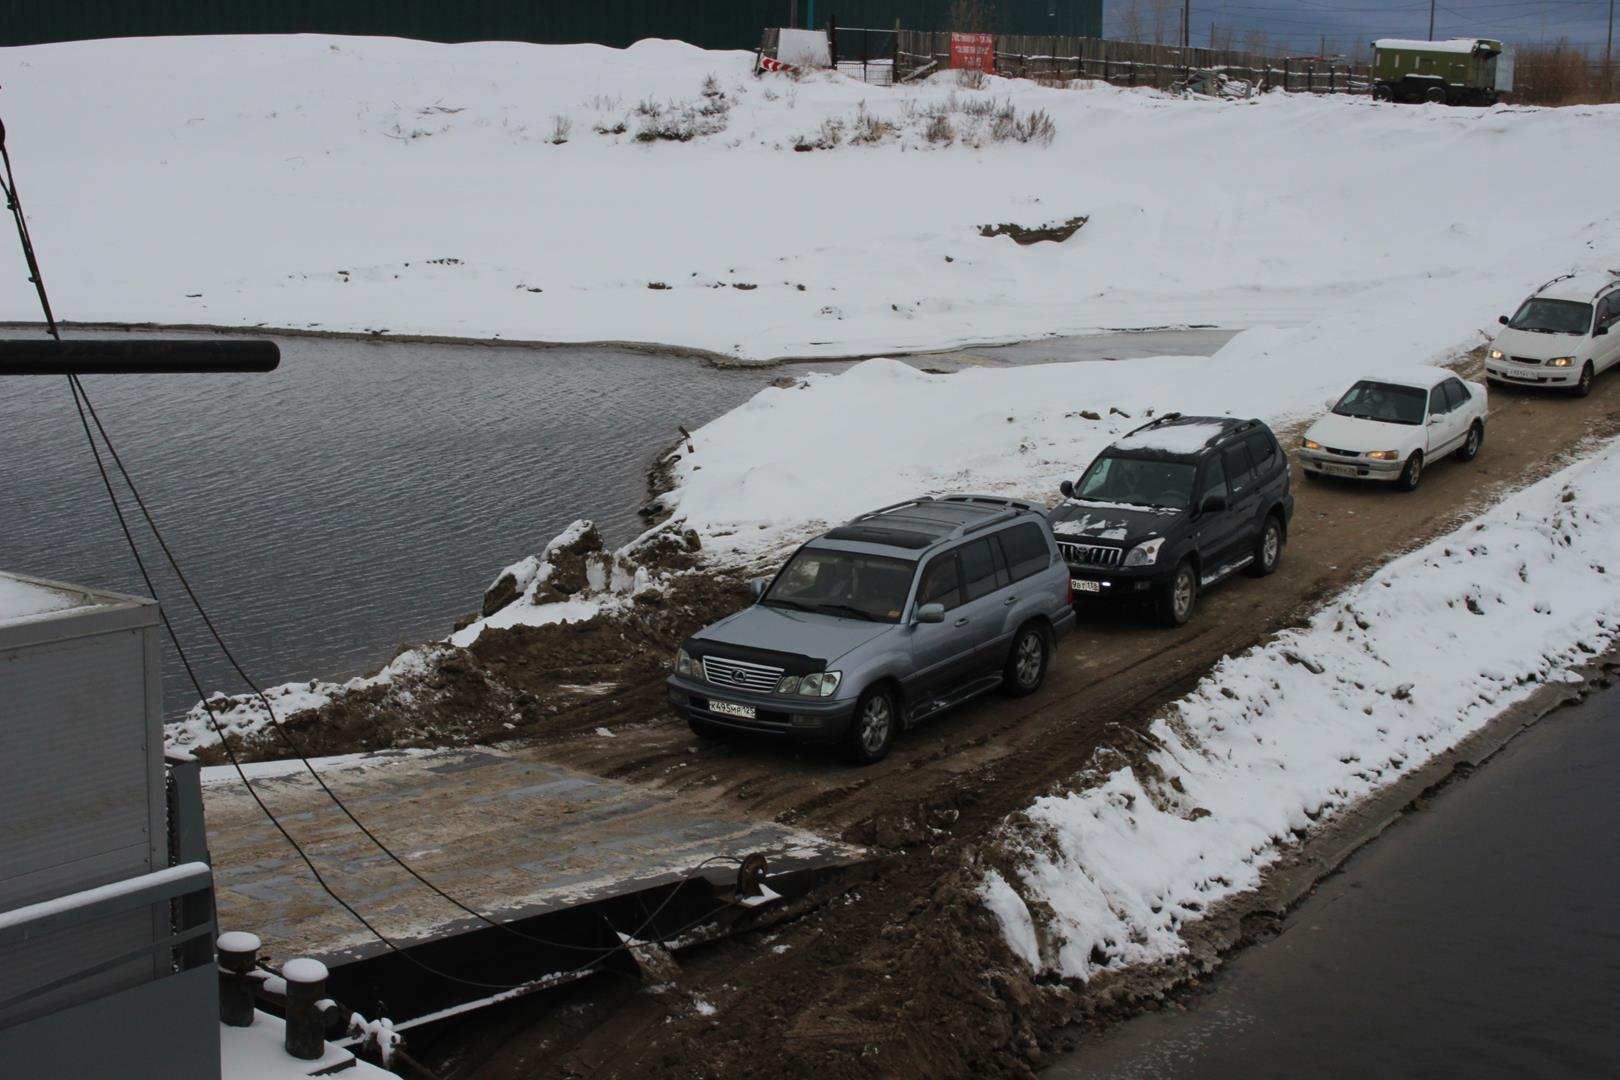 Репортаж ЯСИА: Внезапное спокойствие на паромной переправе Якутск – Нижний Бестях